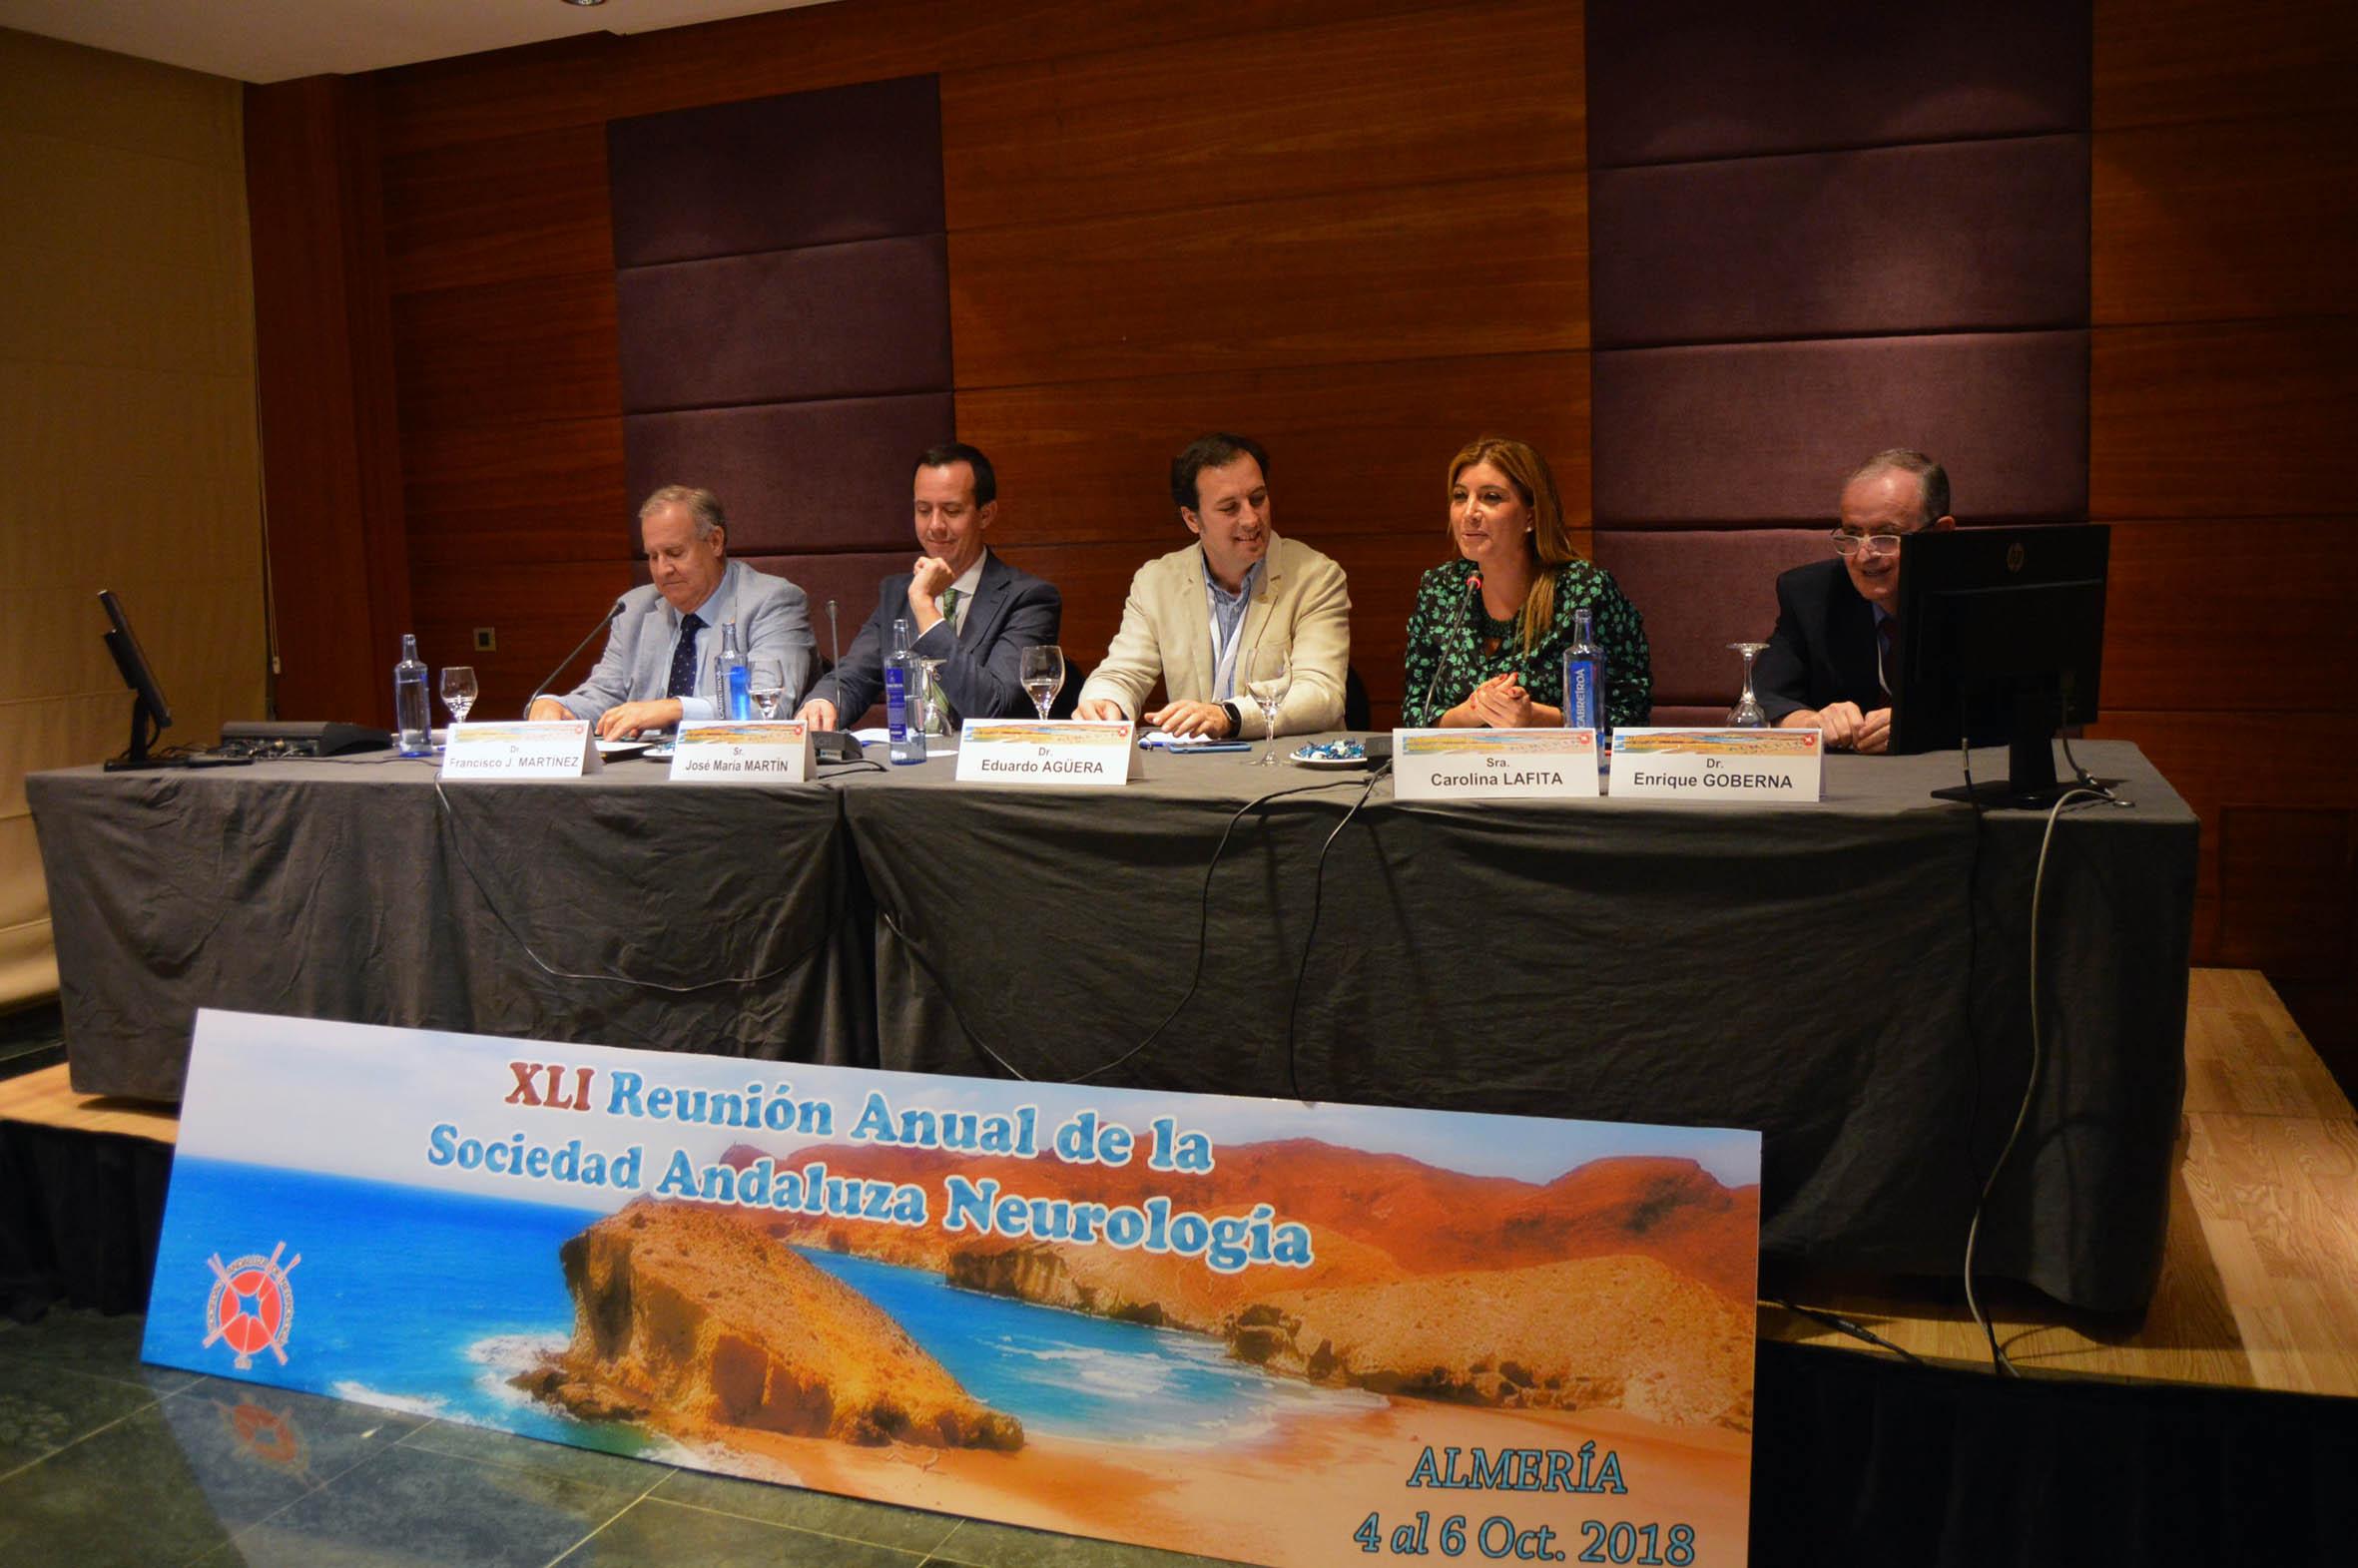 La Sociedad Andaluza de Neurología celebra en Almería su 41ª Reunión Científica